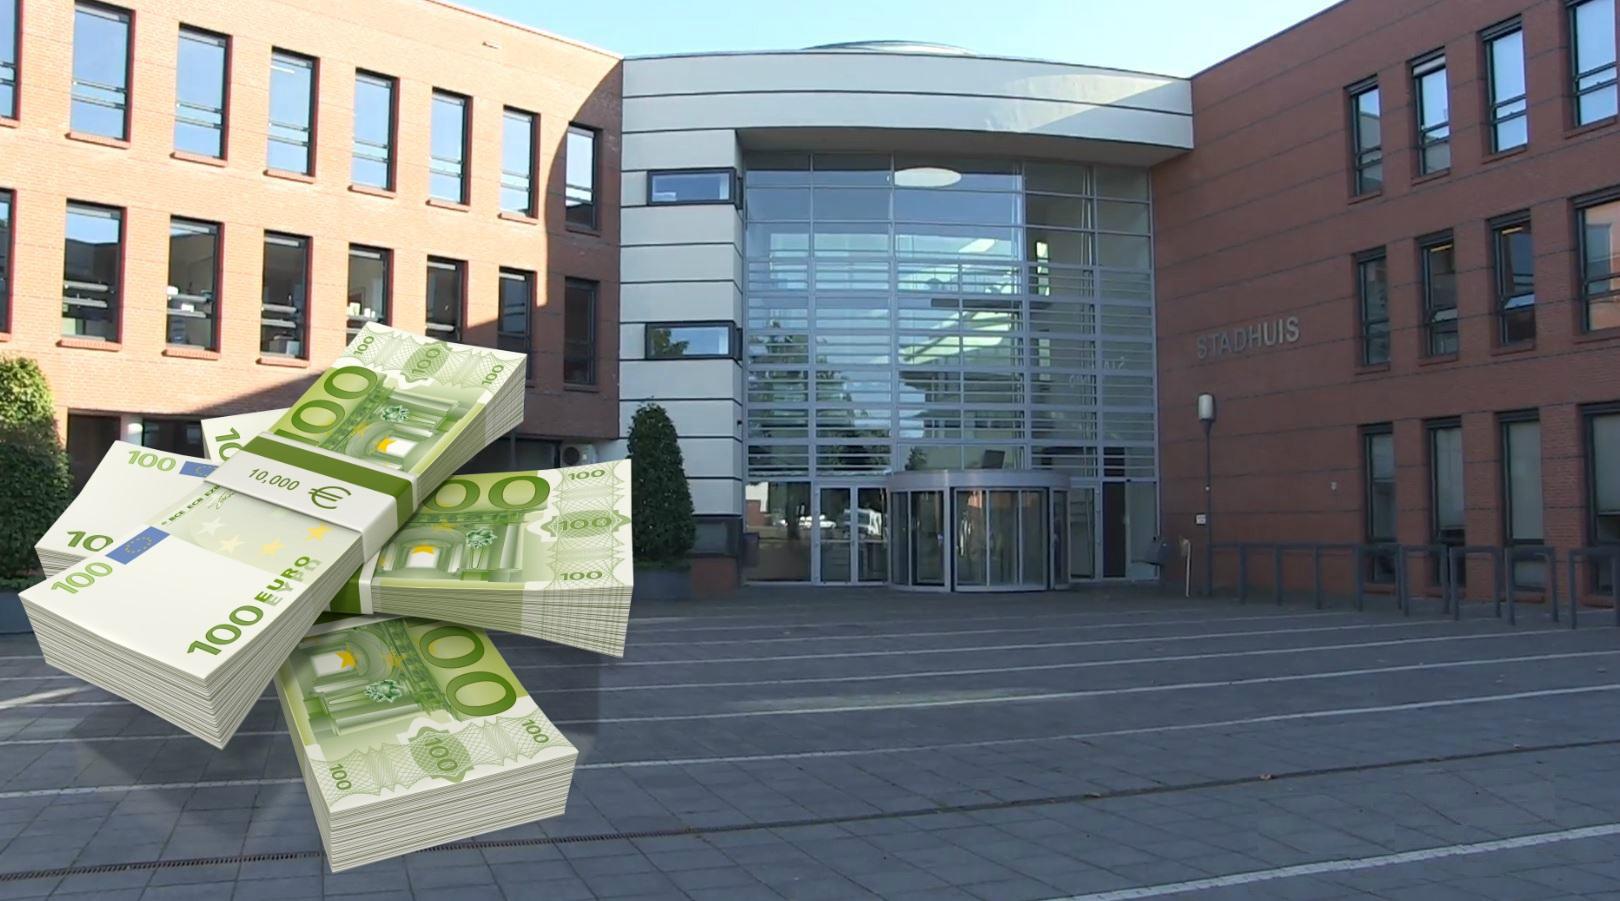 Gemeente Kampen heeft financiën sociaal domein onder controle